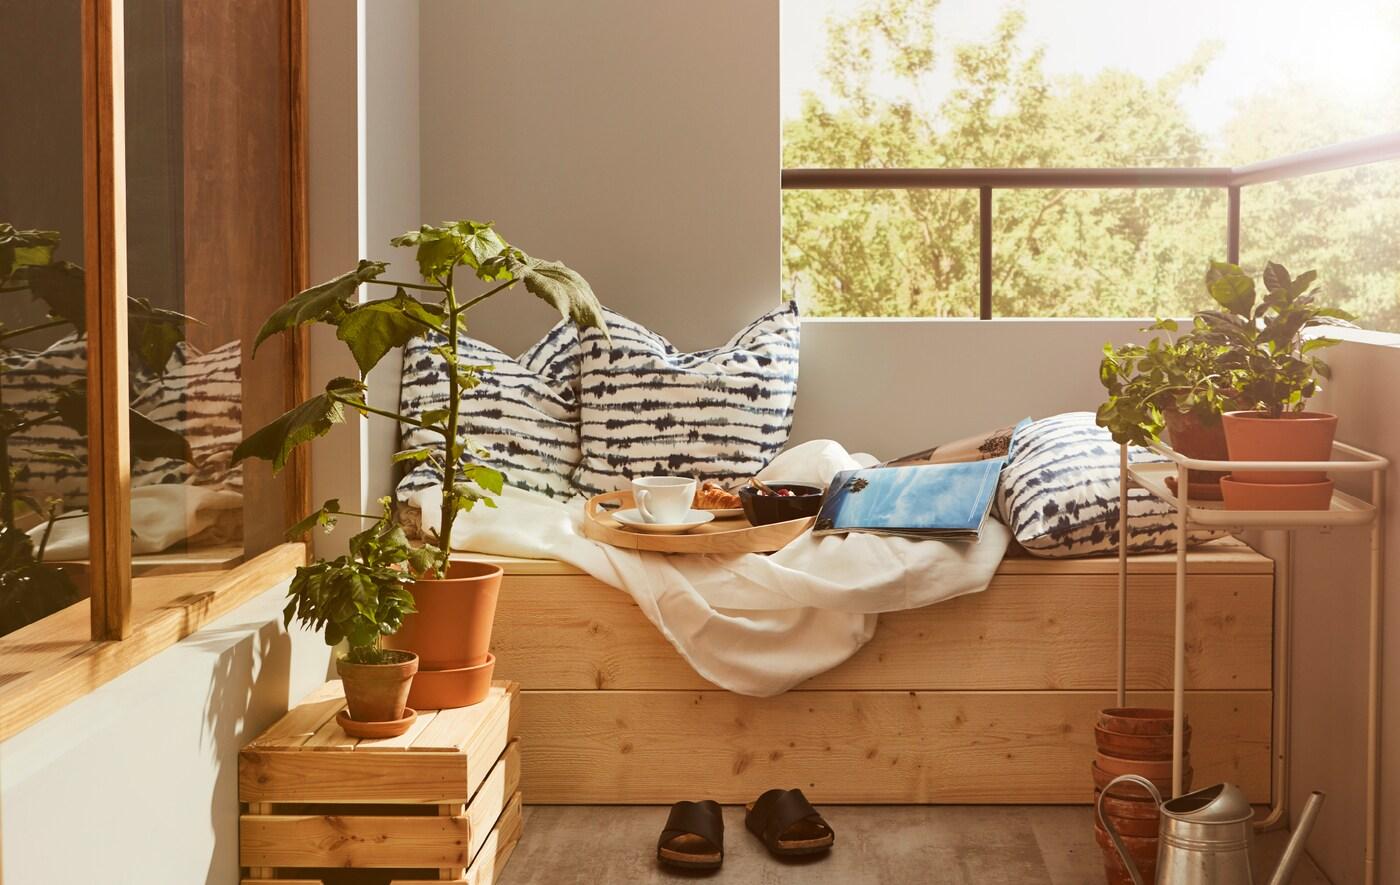 زاوية شرفة بسطح خشبي بارز عليها وسائد، ومفارش سرير وفطور صغير.